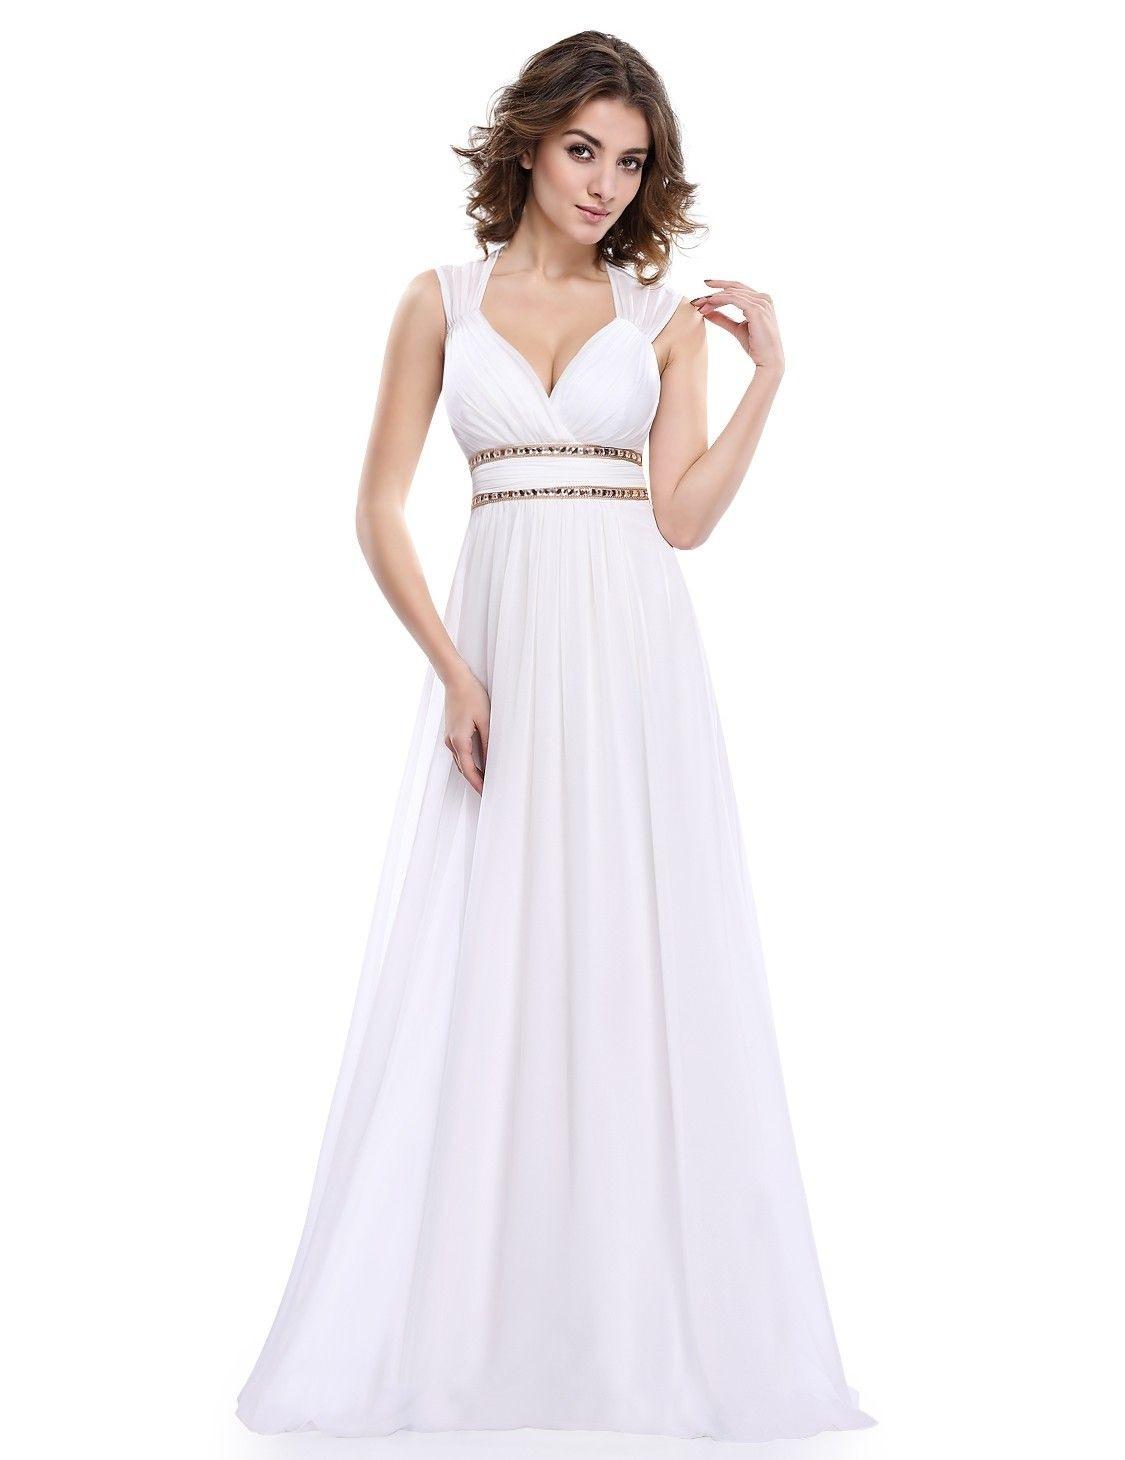 Abend Schön Abendkleid Weiß Lang Spezialgebiet10 Genial Abendkleid Weiß Lang Vertrieb